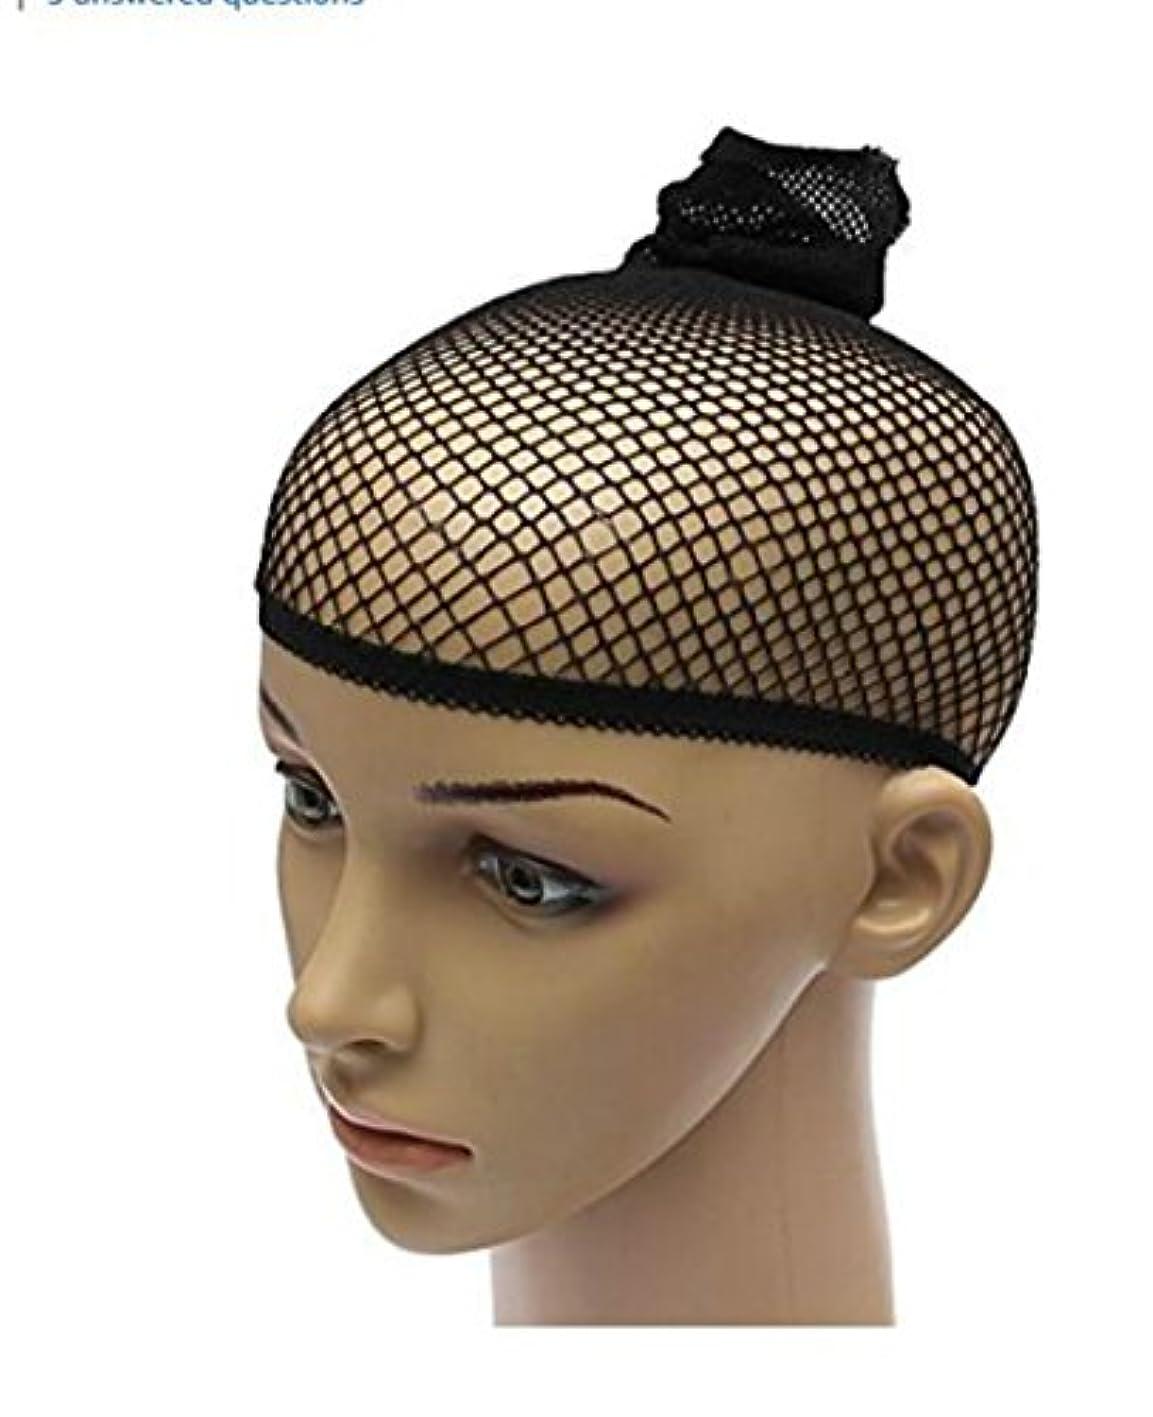 意義特殊小道TAKIの部屋 ウィッグネット ウィッグ専用 ハロイン変身用 ヘアーネット 筒型 ブラック フリーサイズ ユニセックス